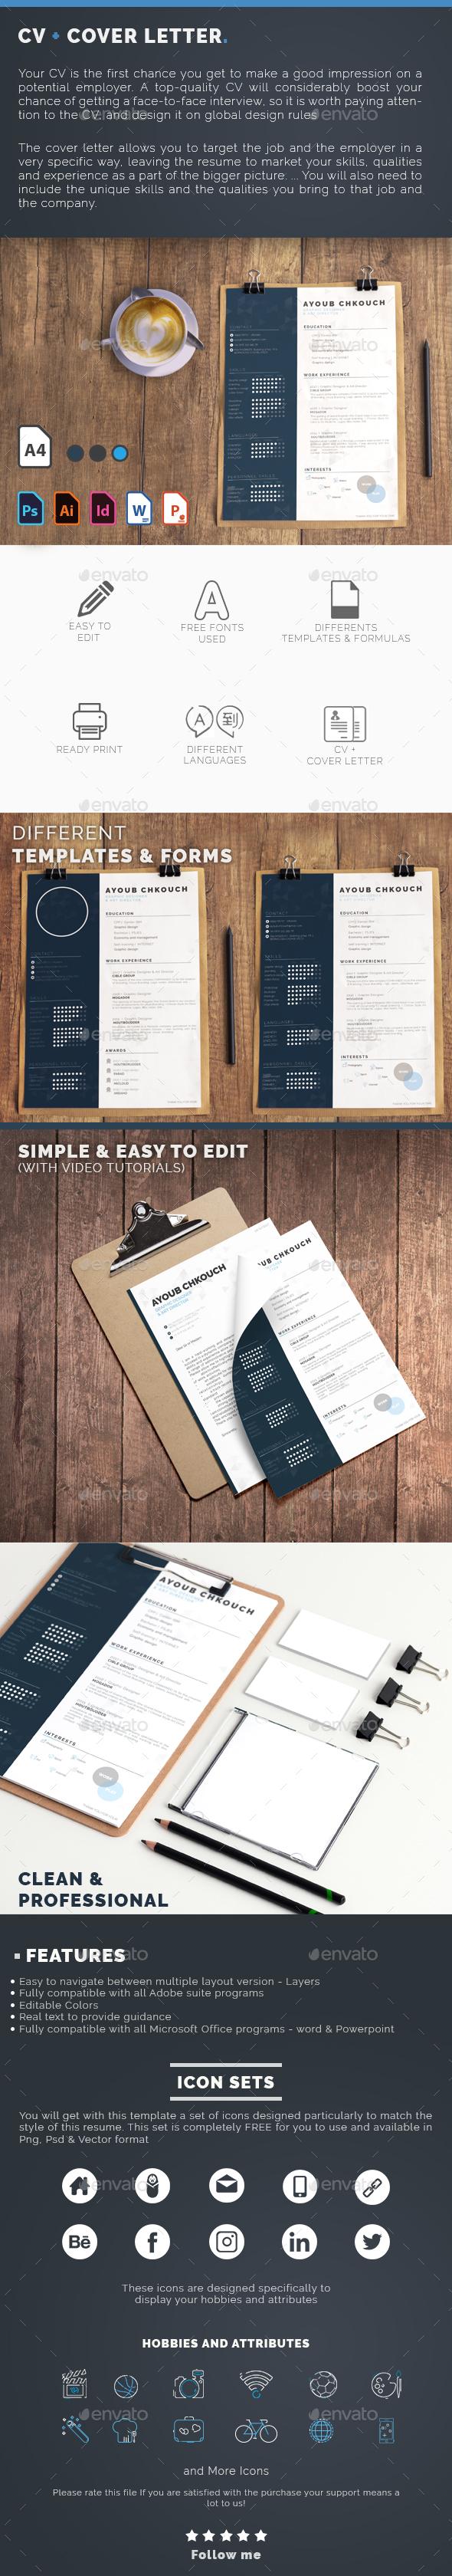 GraphicRiver CV & Cover letter Multi Language 20874707